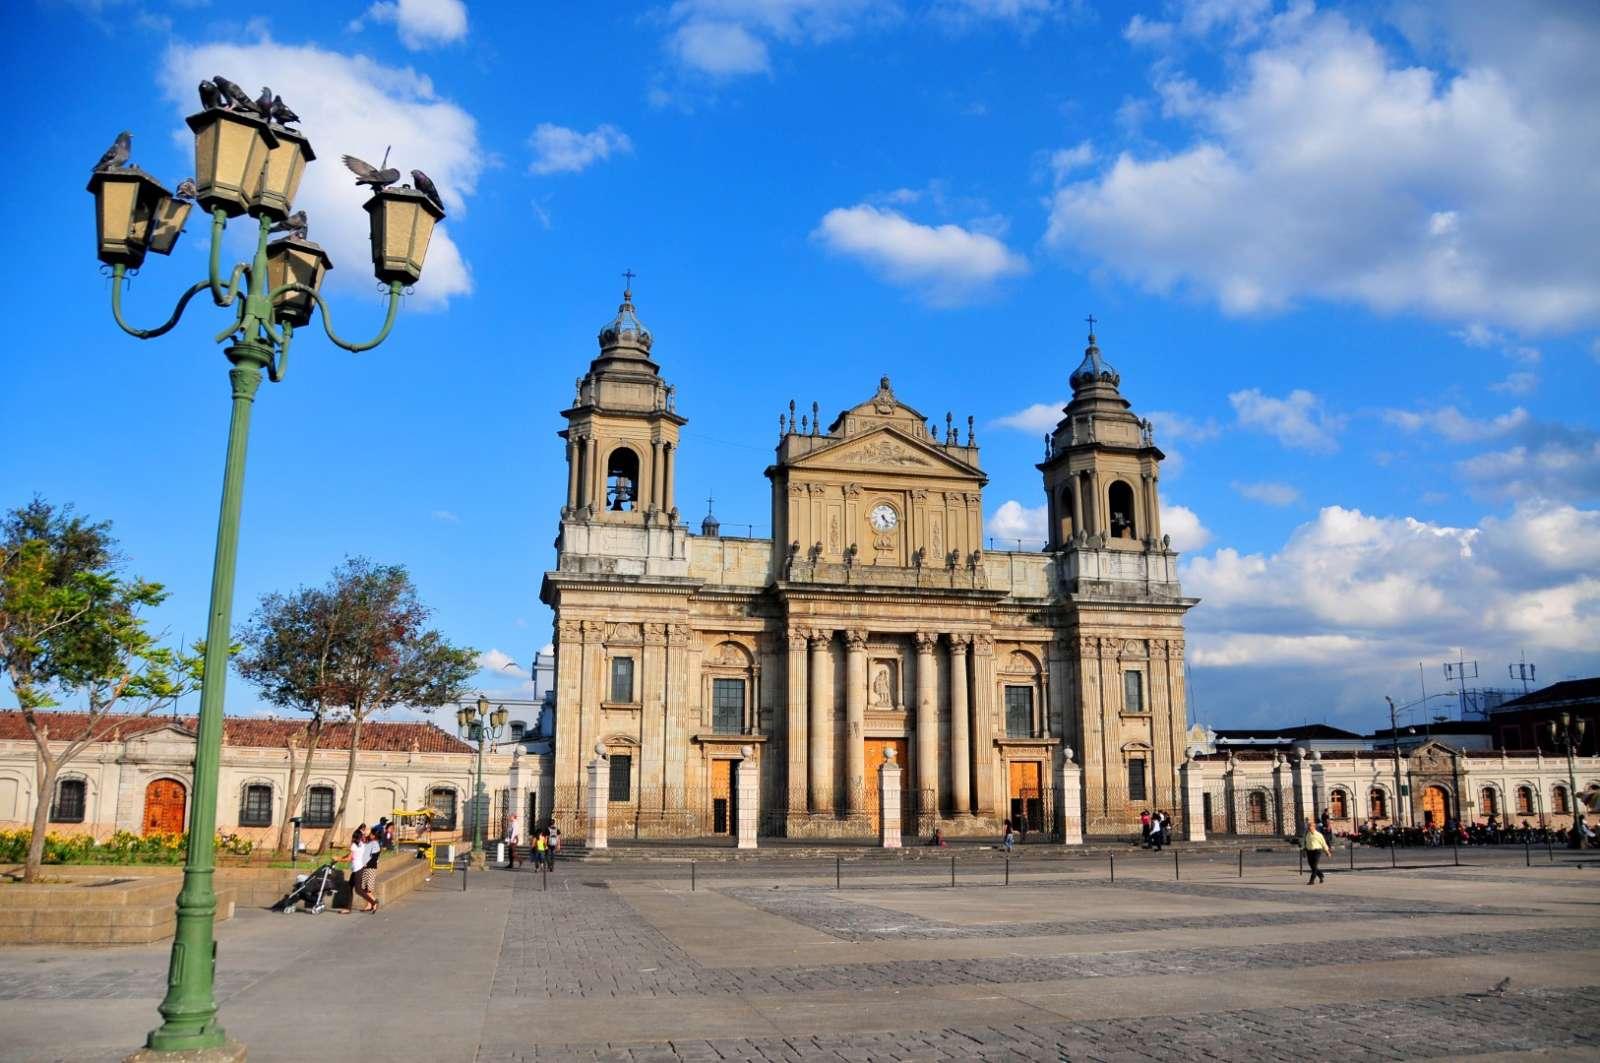 Main square in Guatemala City